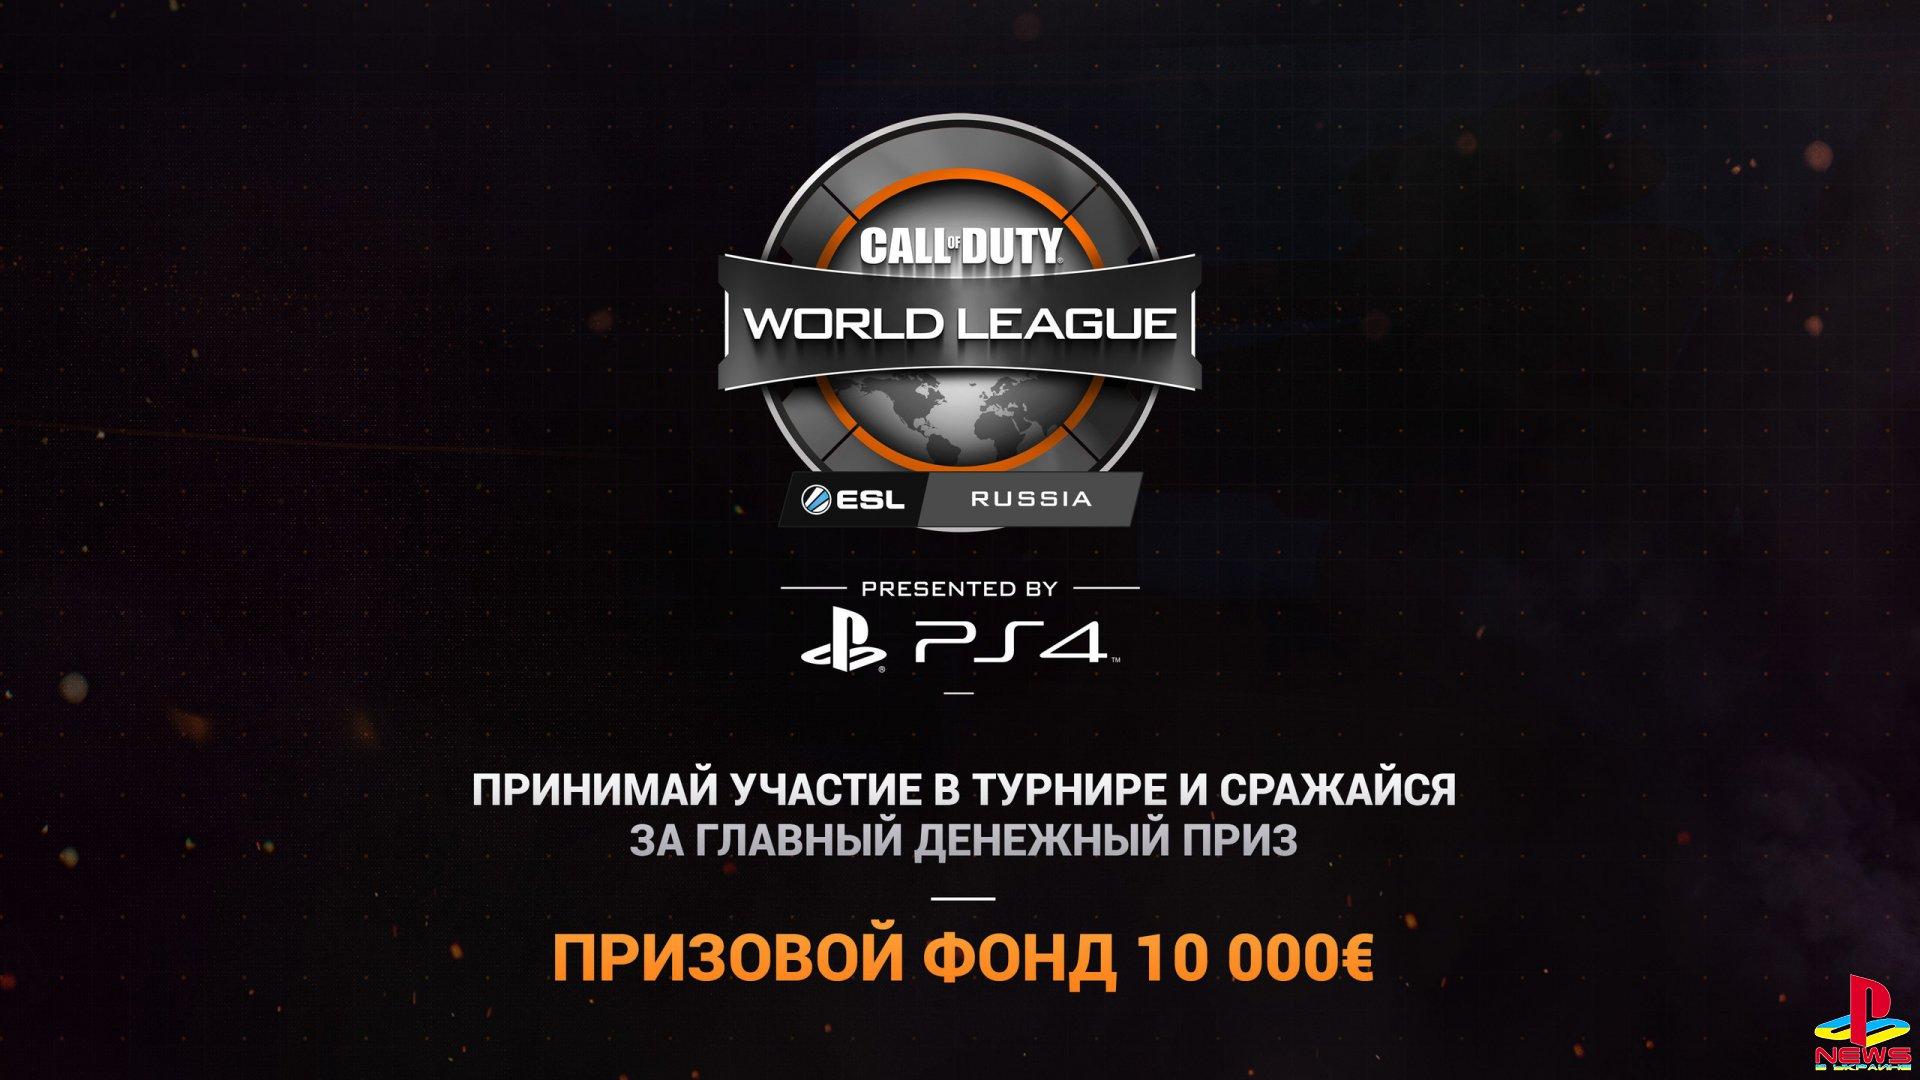 В России пройдет чемпионат Call of Duty World League